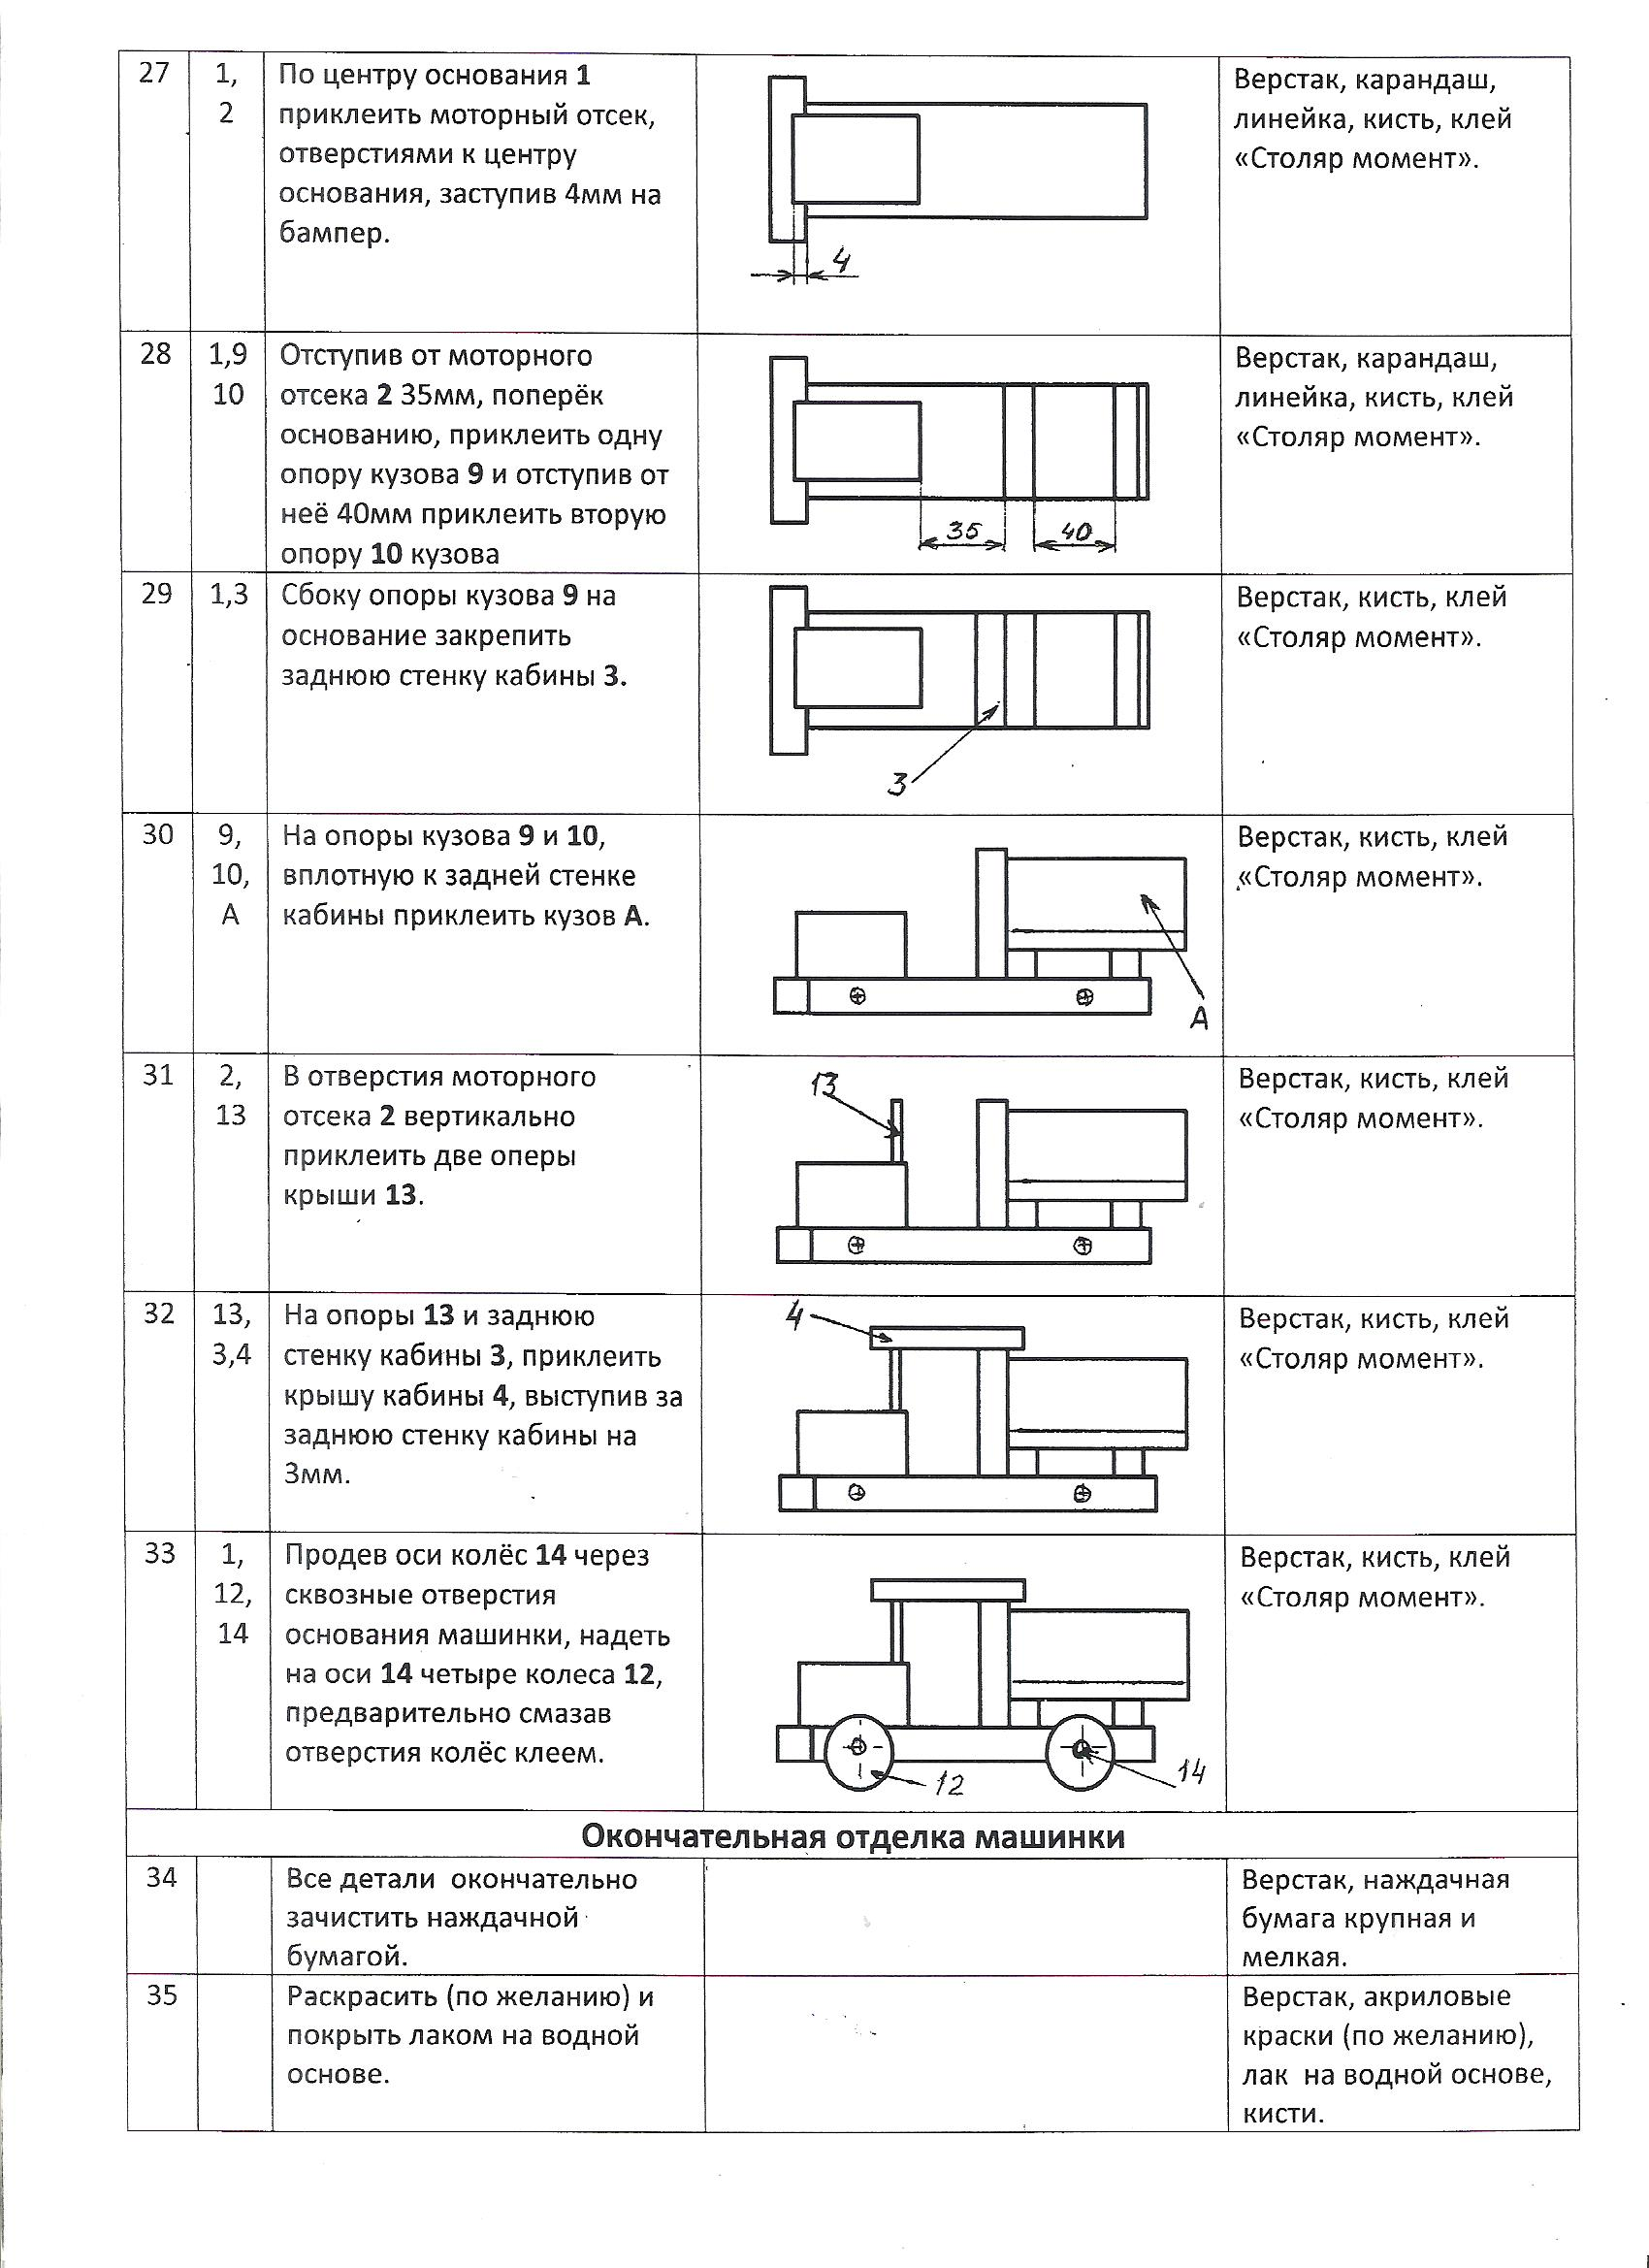 K:\Технологическая карта изготовления машинки. Близнюк В.Ю\5.jpeg